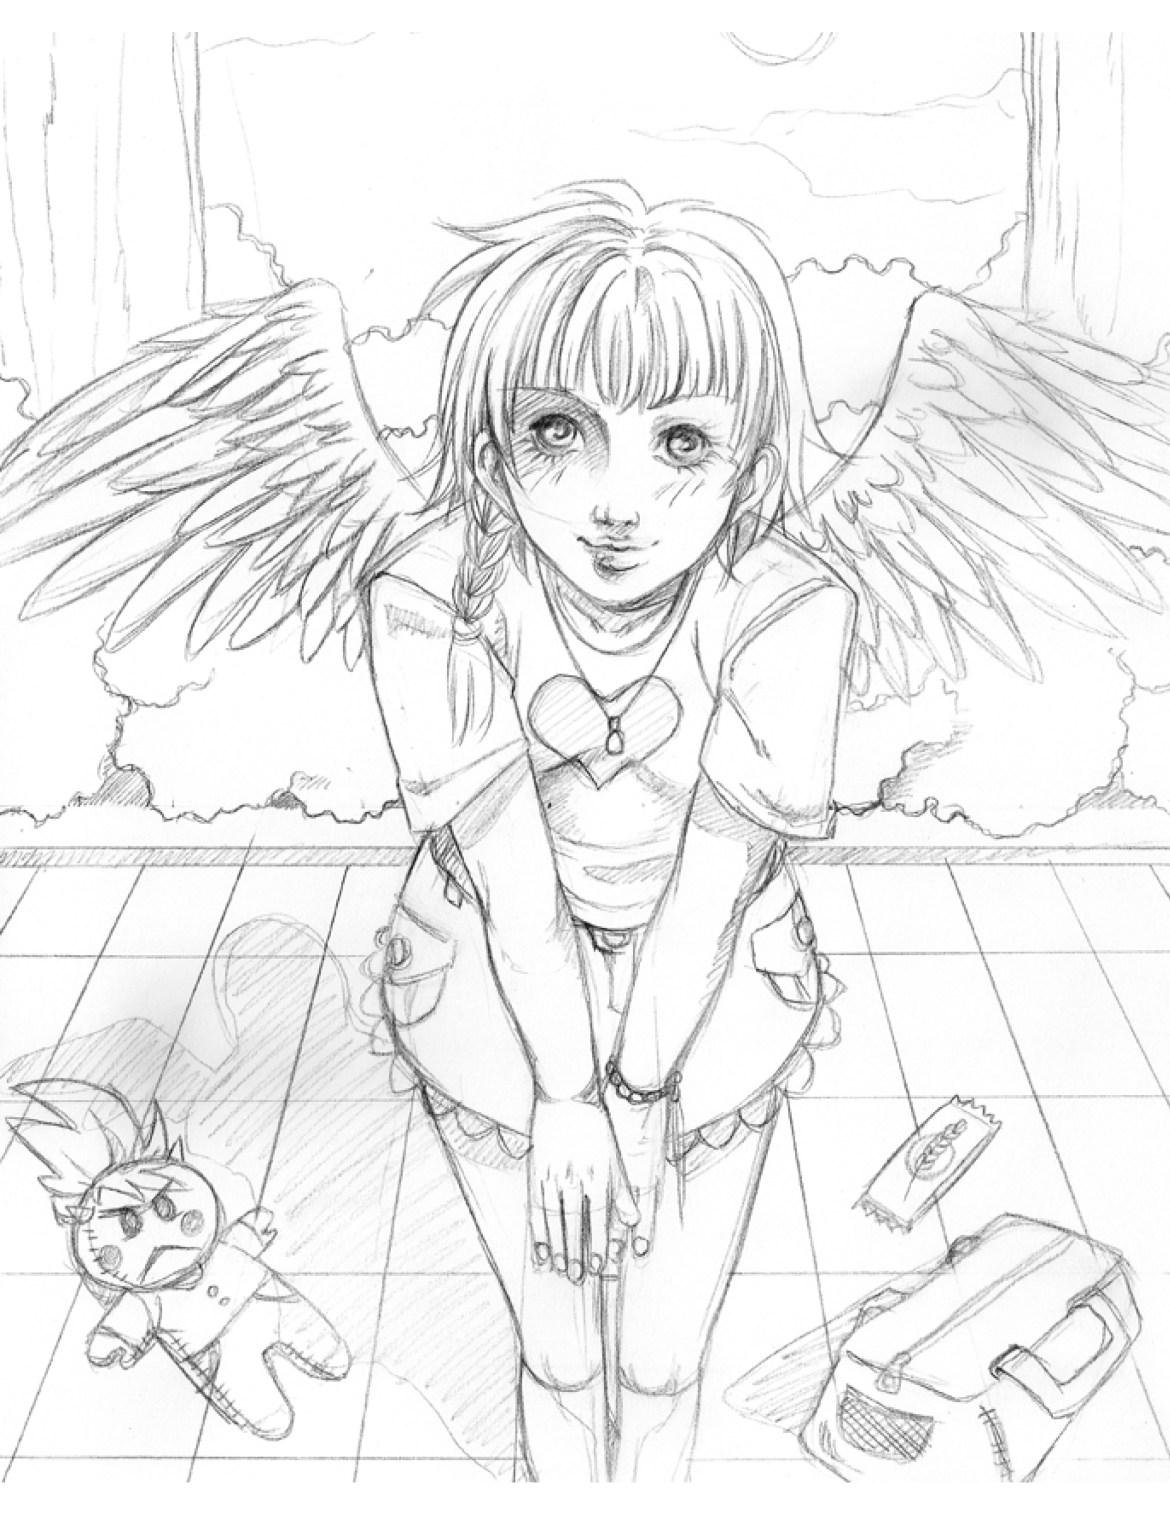 Fillette ange coloriage pour imprimer sketch par Dar-Chan